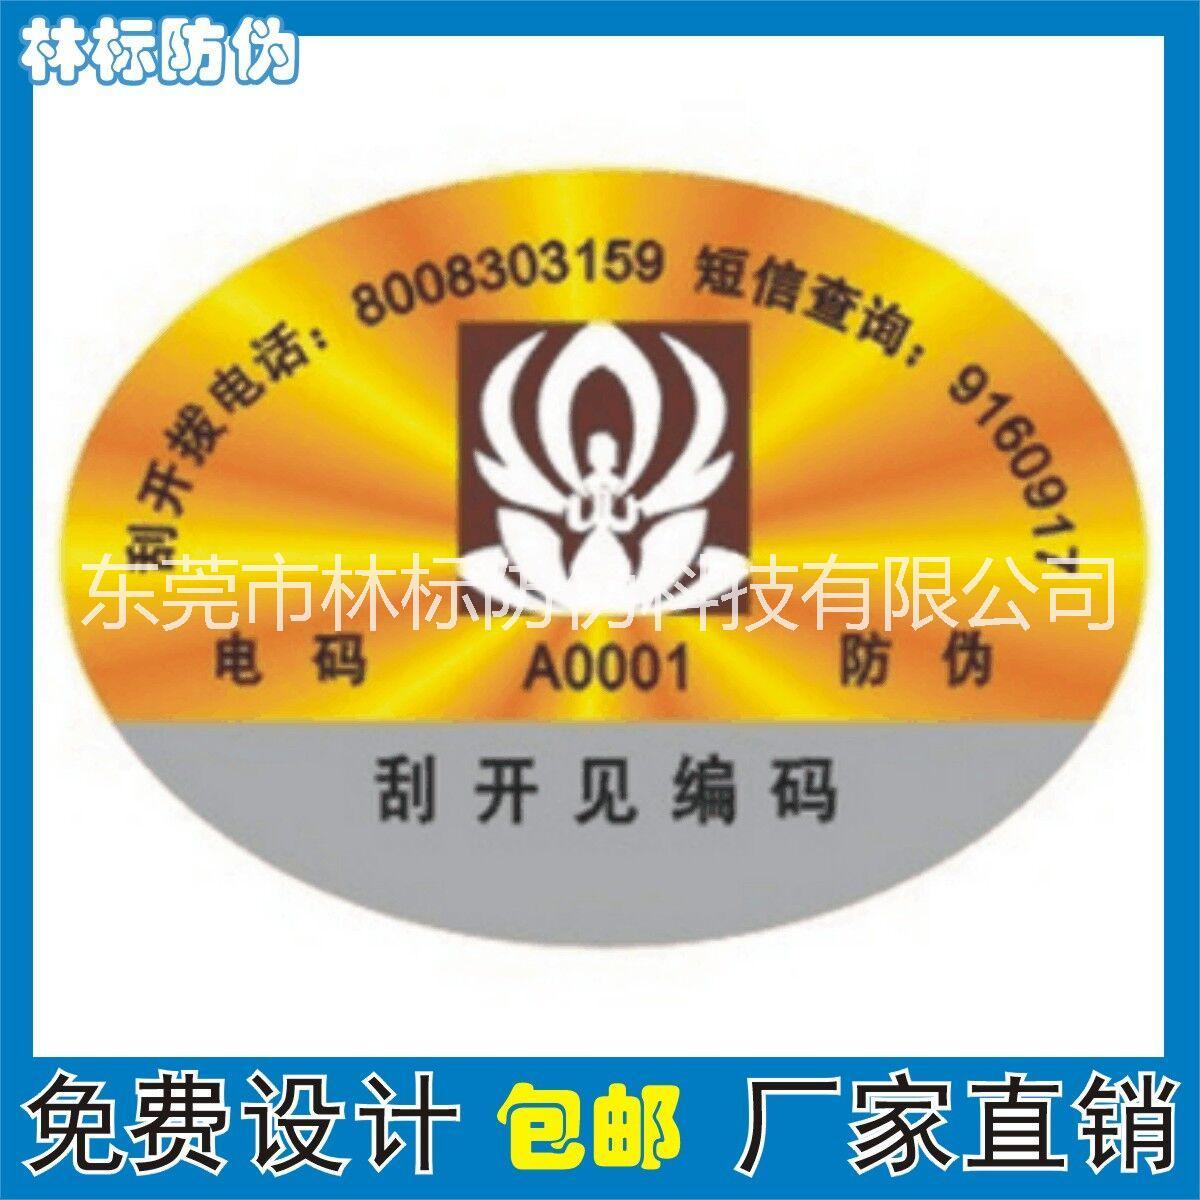 促销数码不干胶防伪 电码防伪商标 一次性镭射防伪标签